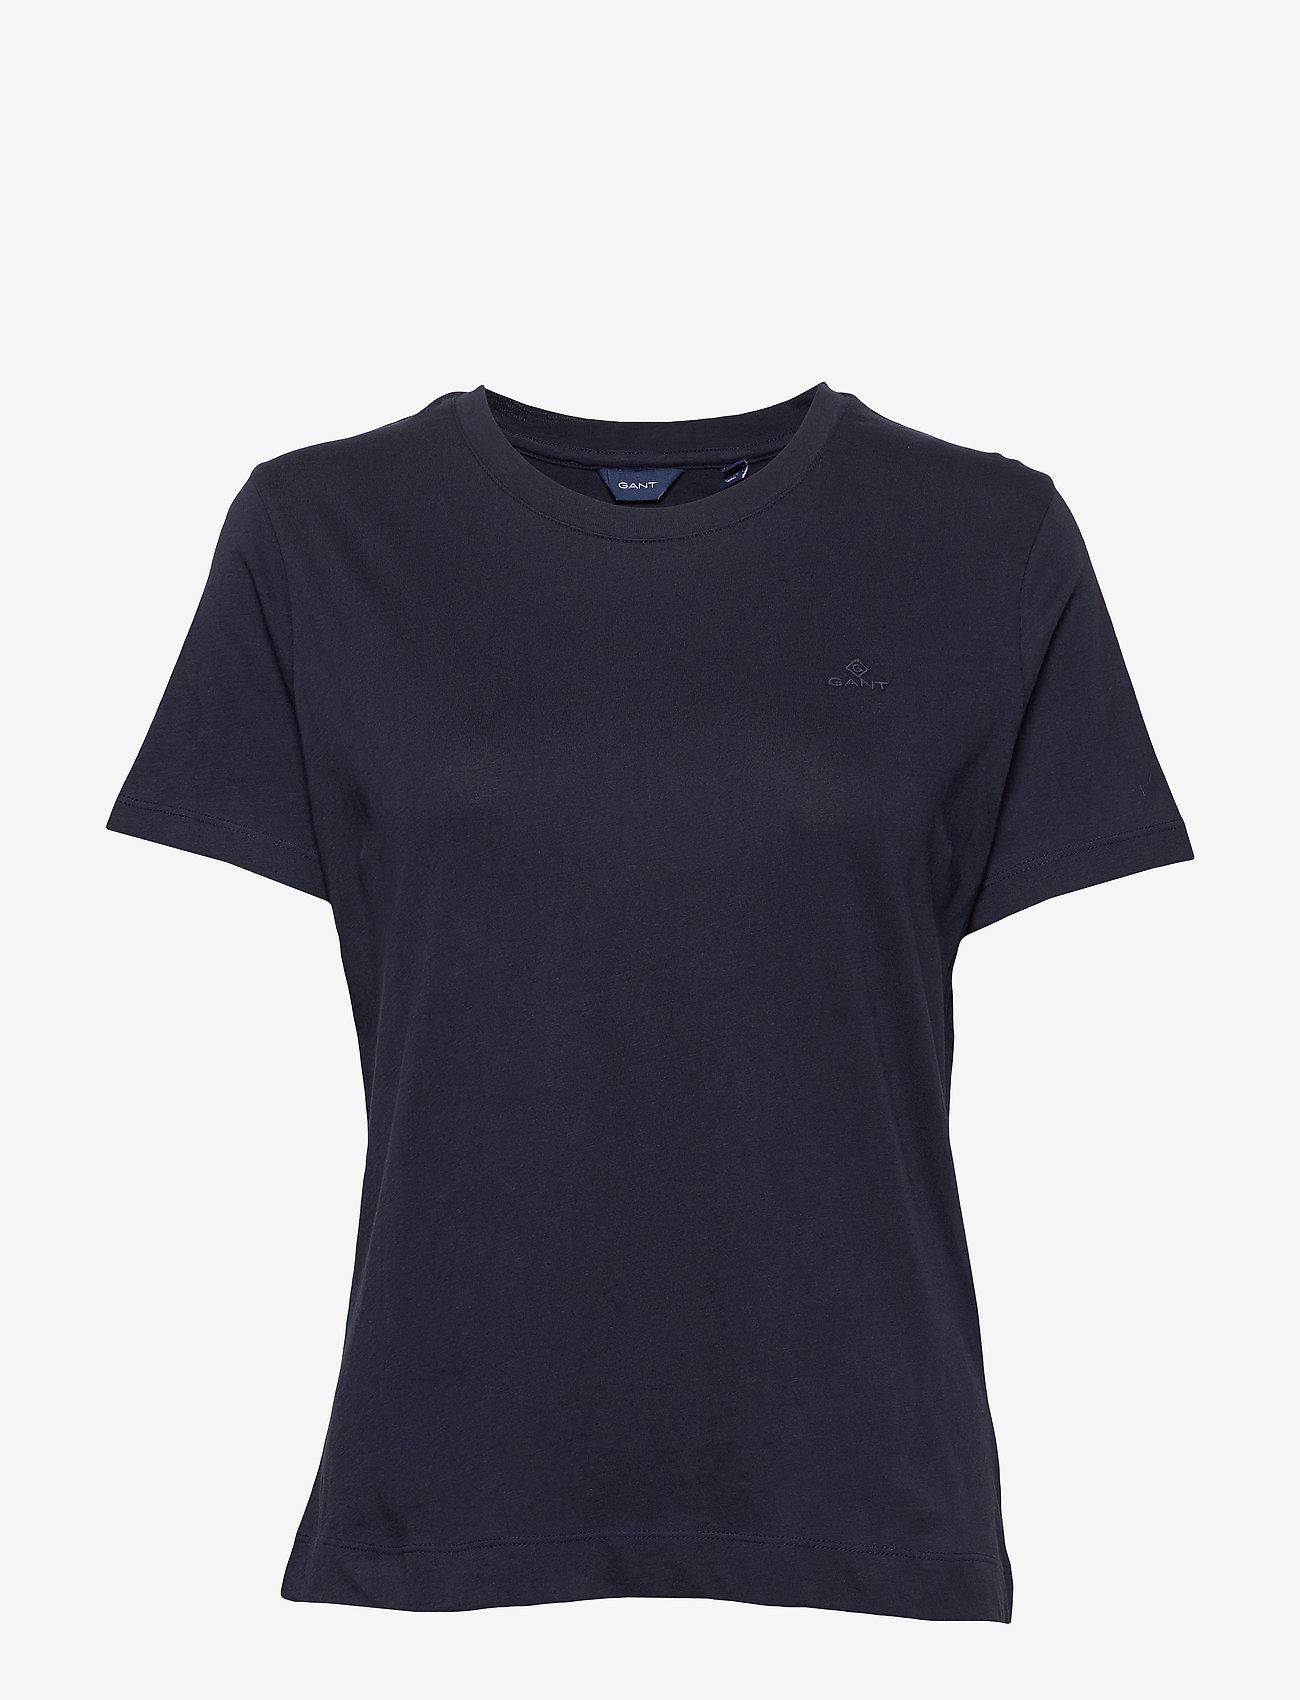 GANT - ORIGINAL SS T-SHIRT - t-shirts - evening blue - 0